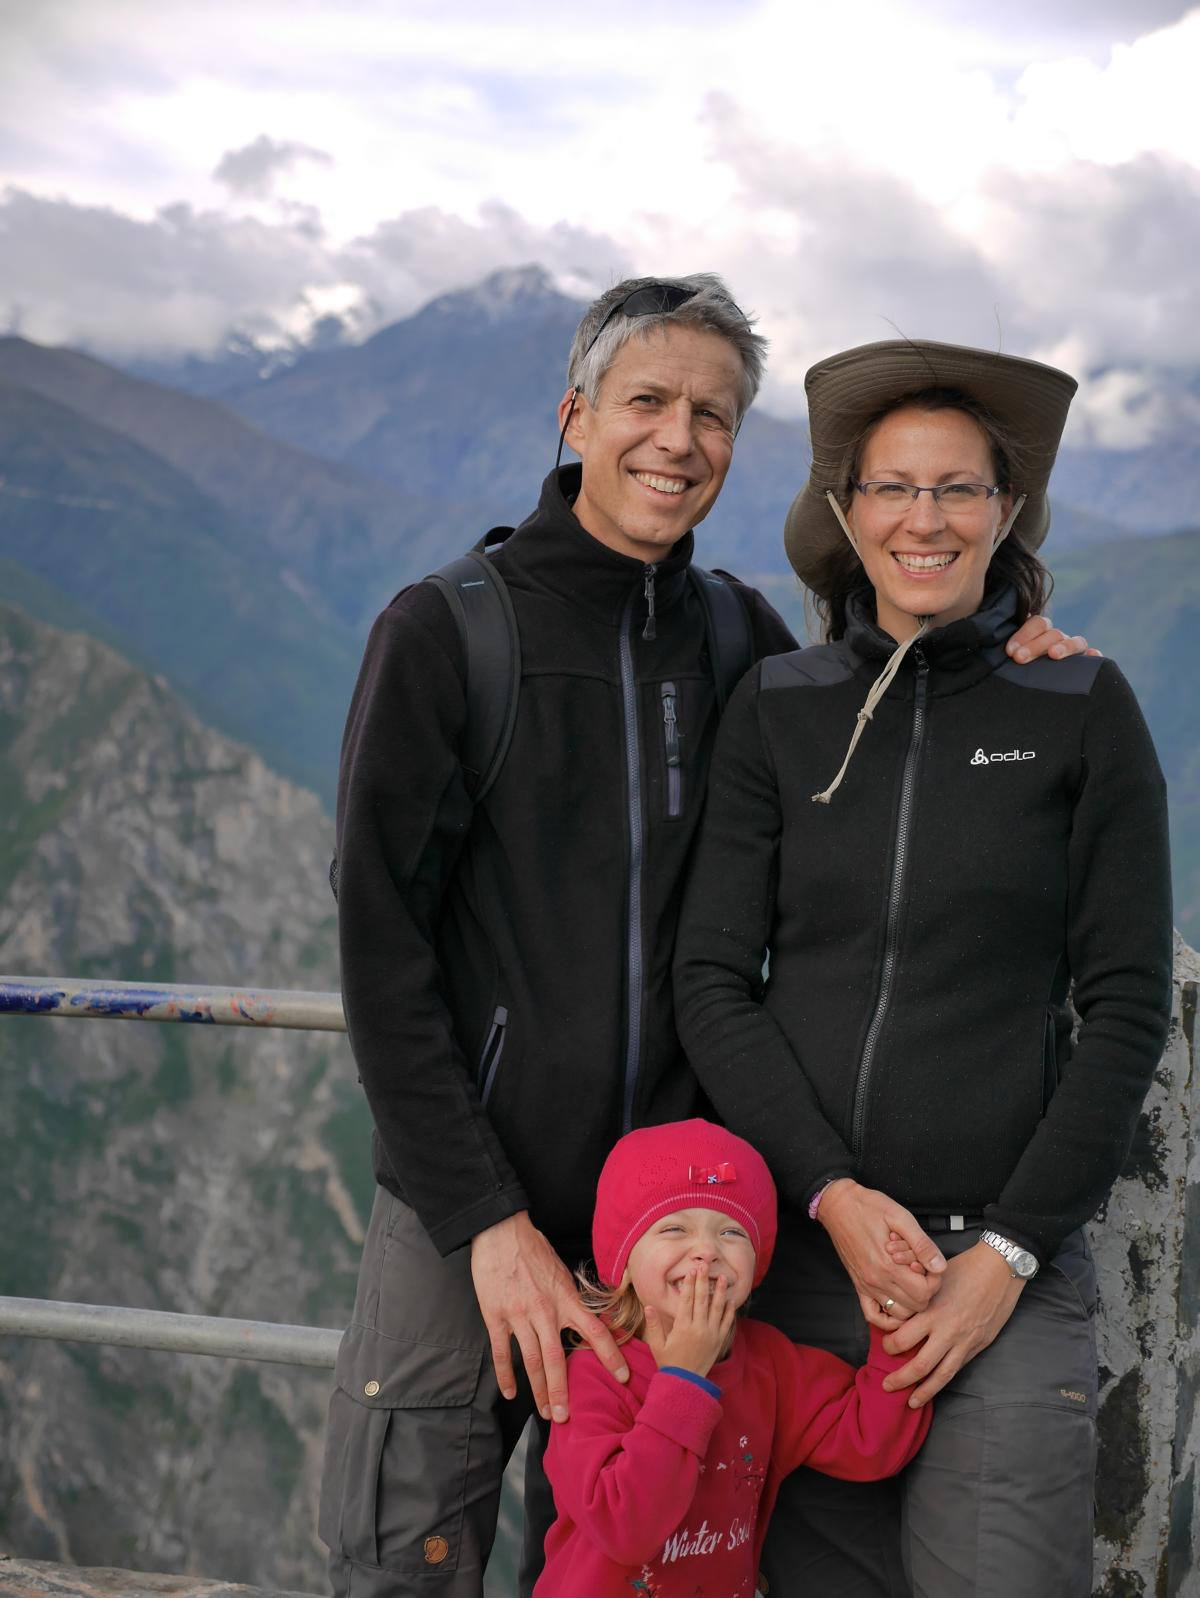 Spaziergang auf den Hausberg San Cristobal. Auf über 3000 Metern ist es hier windig und frisch.